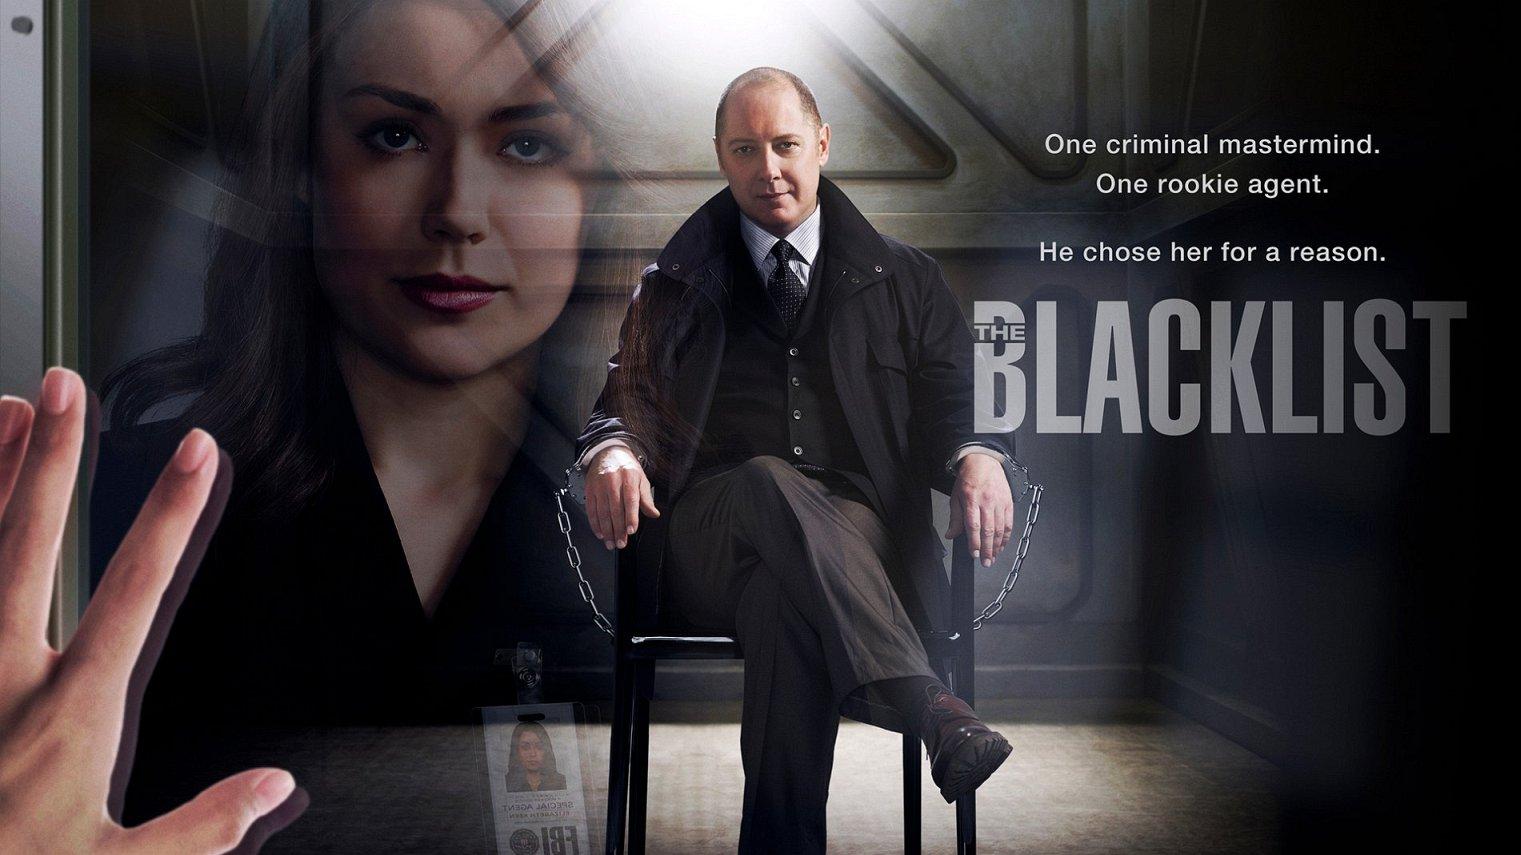 The Blacklist season 5 episode 3 watch online